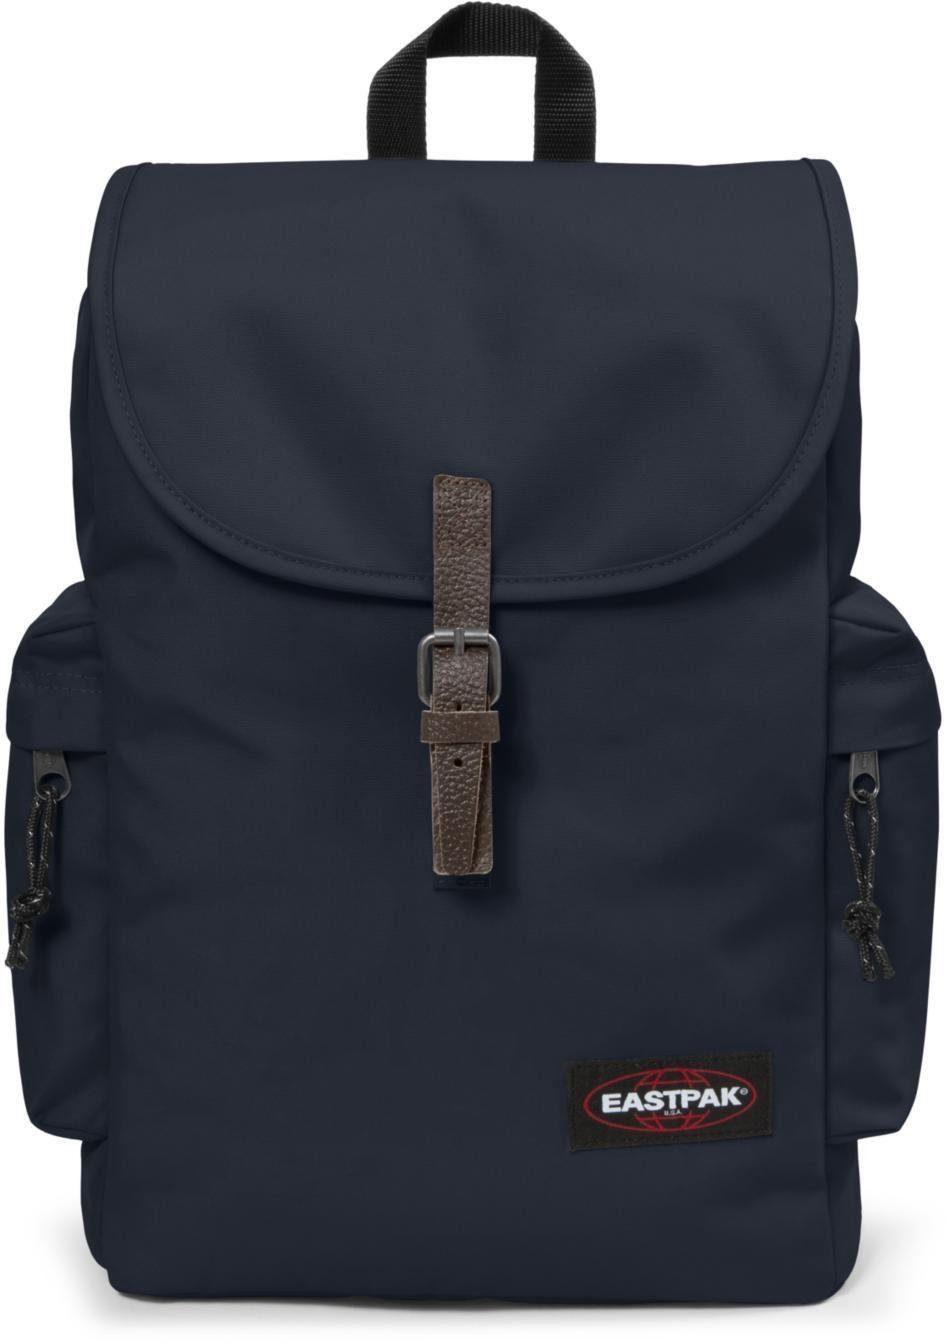 Eastpak Rucksack mit Laptopfach, »AUSTIN cloud navy«